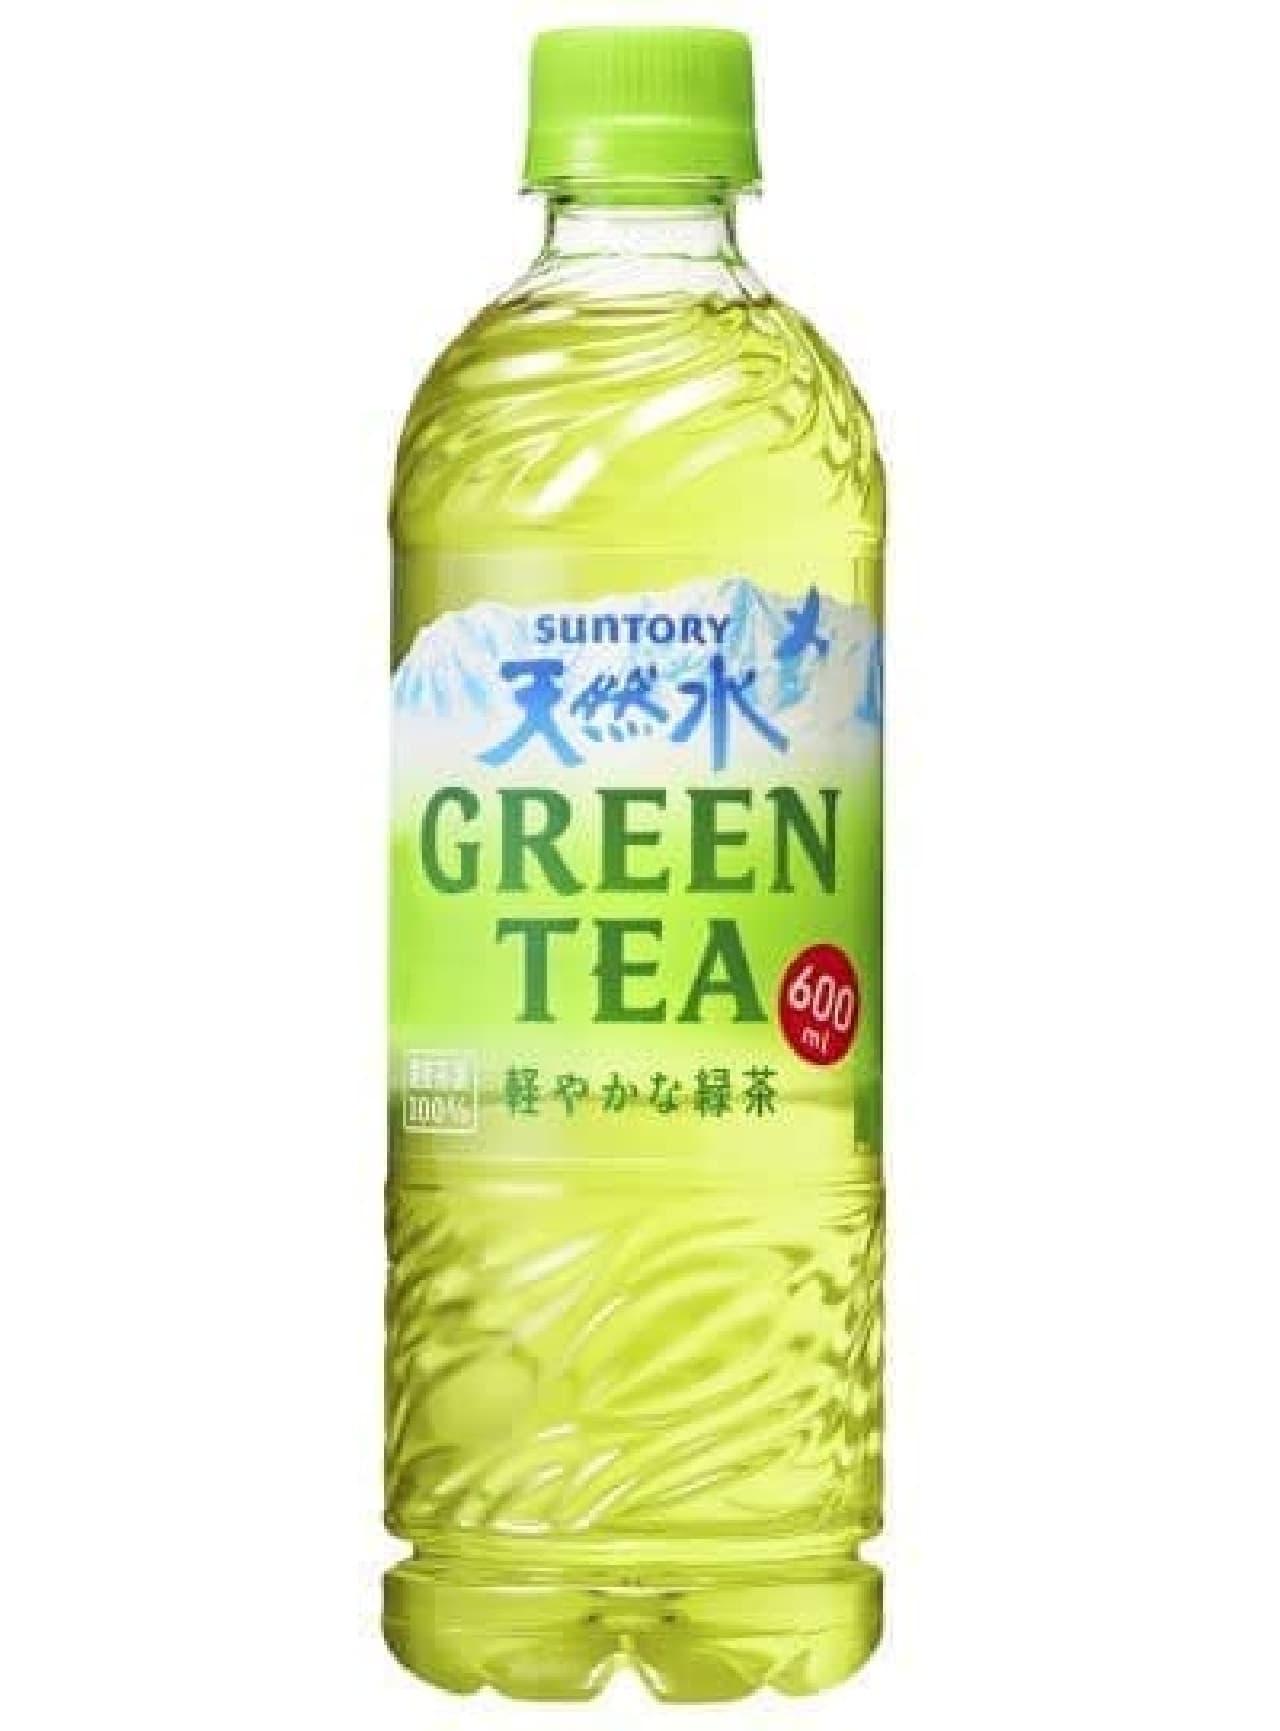 サントリー食品インターナショナル「サントリー天然水 GREEN TEA(グリーンティー)」